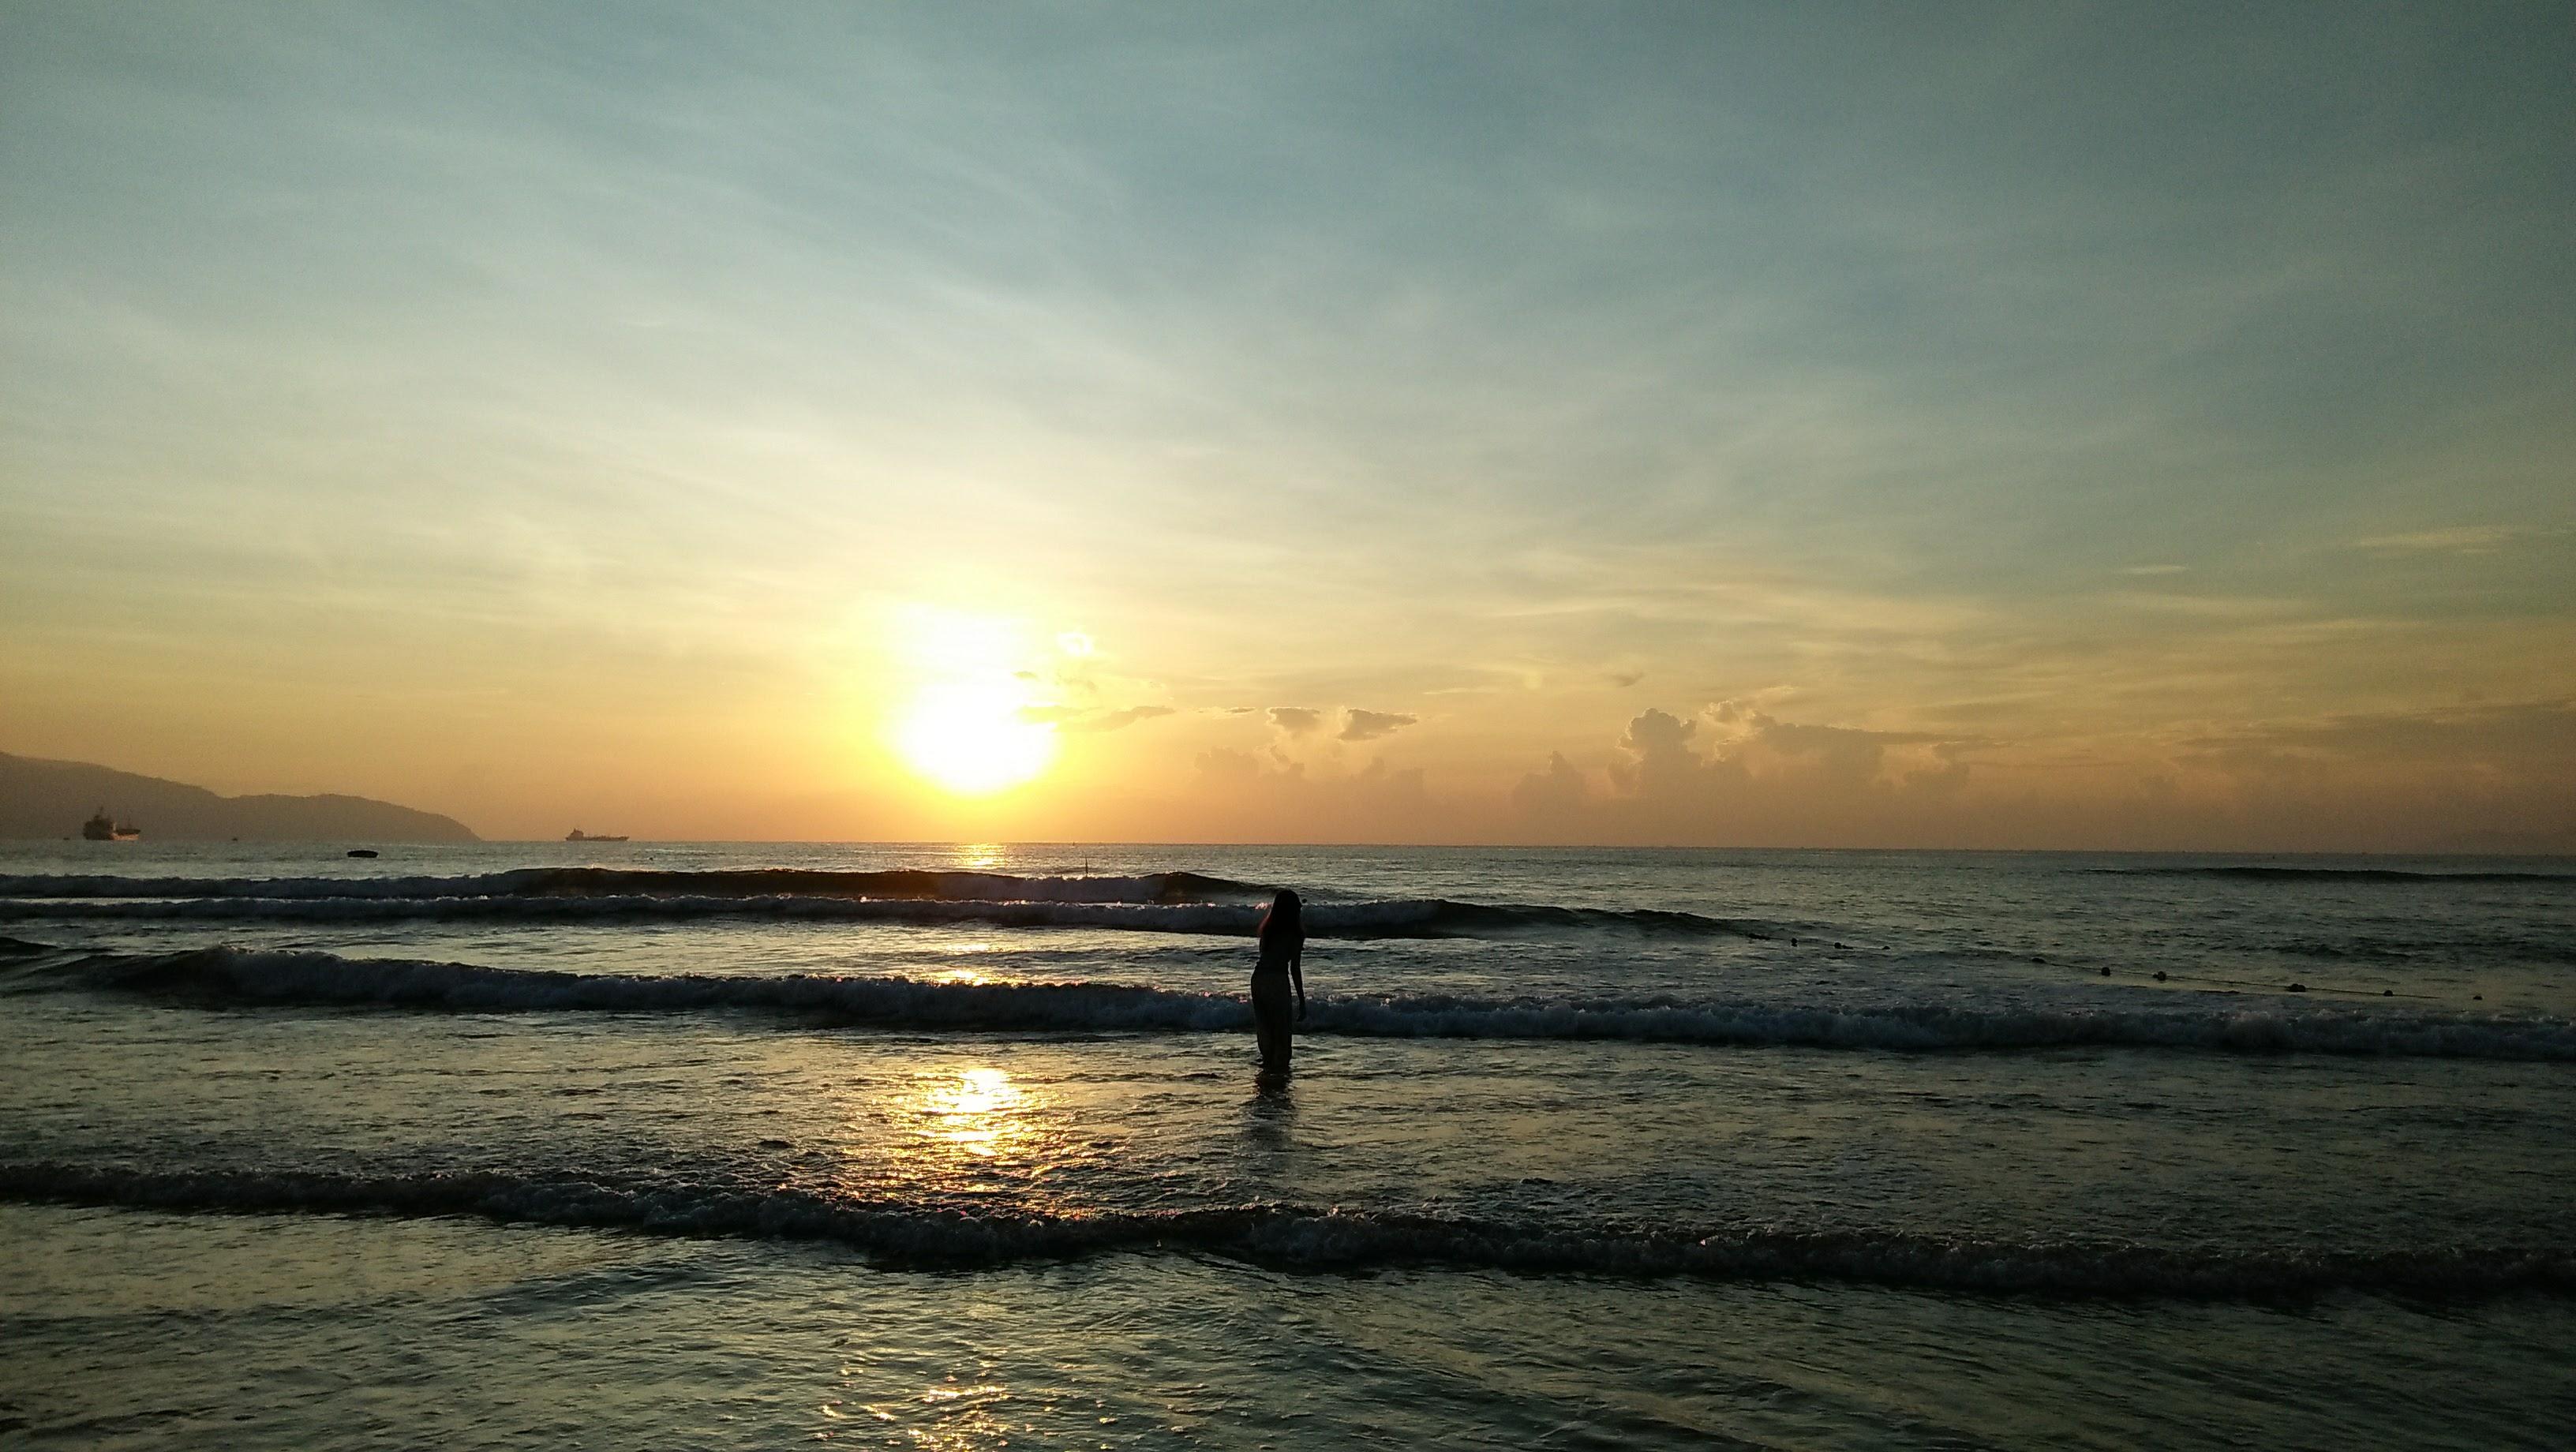 Da Nang, kota pesisir yang cocok buat berlibur bareng teman